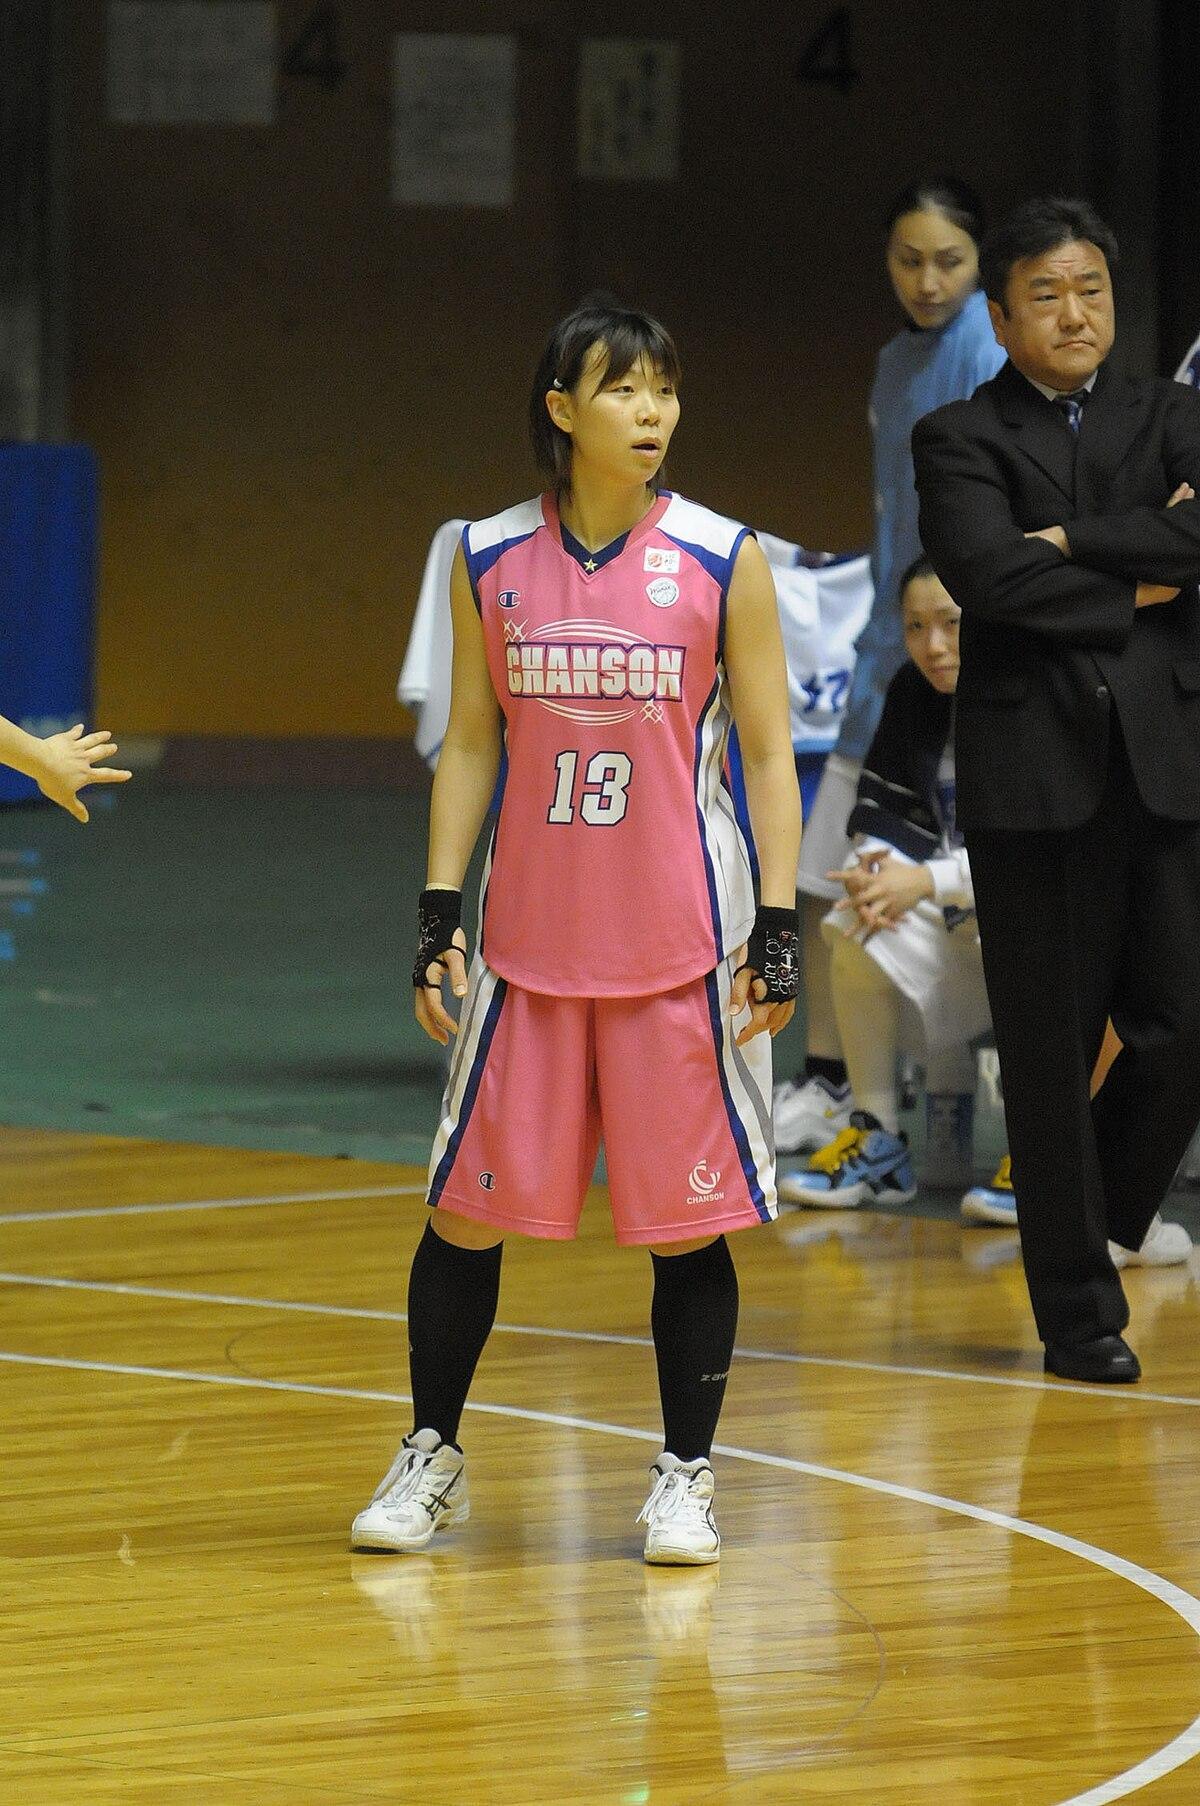 日本代表 バスケットボール 女子